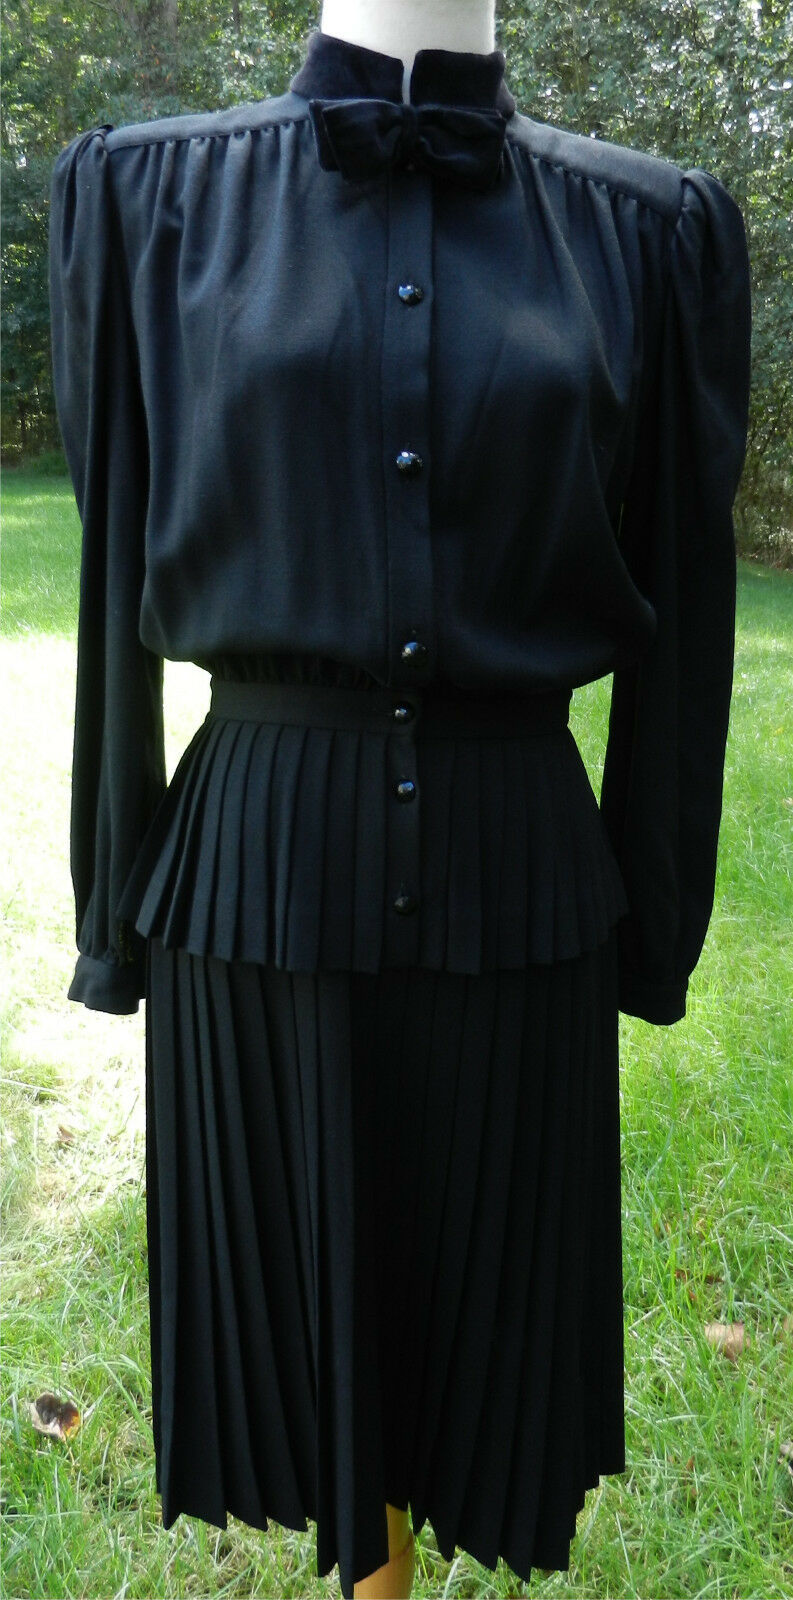 Vestido  Vintage VALENTINO Italia 44 S Negro Falda Plisada De Mangas Largas Botón súperior Arco De Terciopelo  precios al por mayor